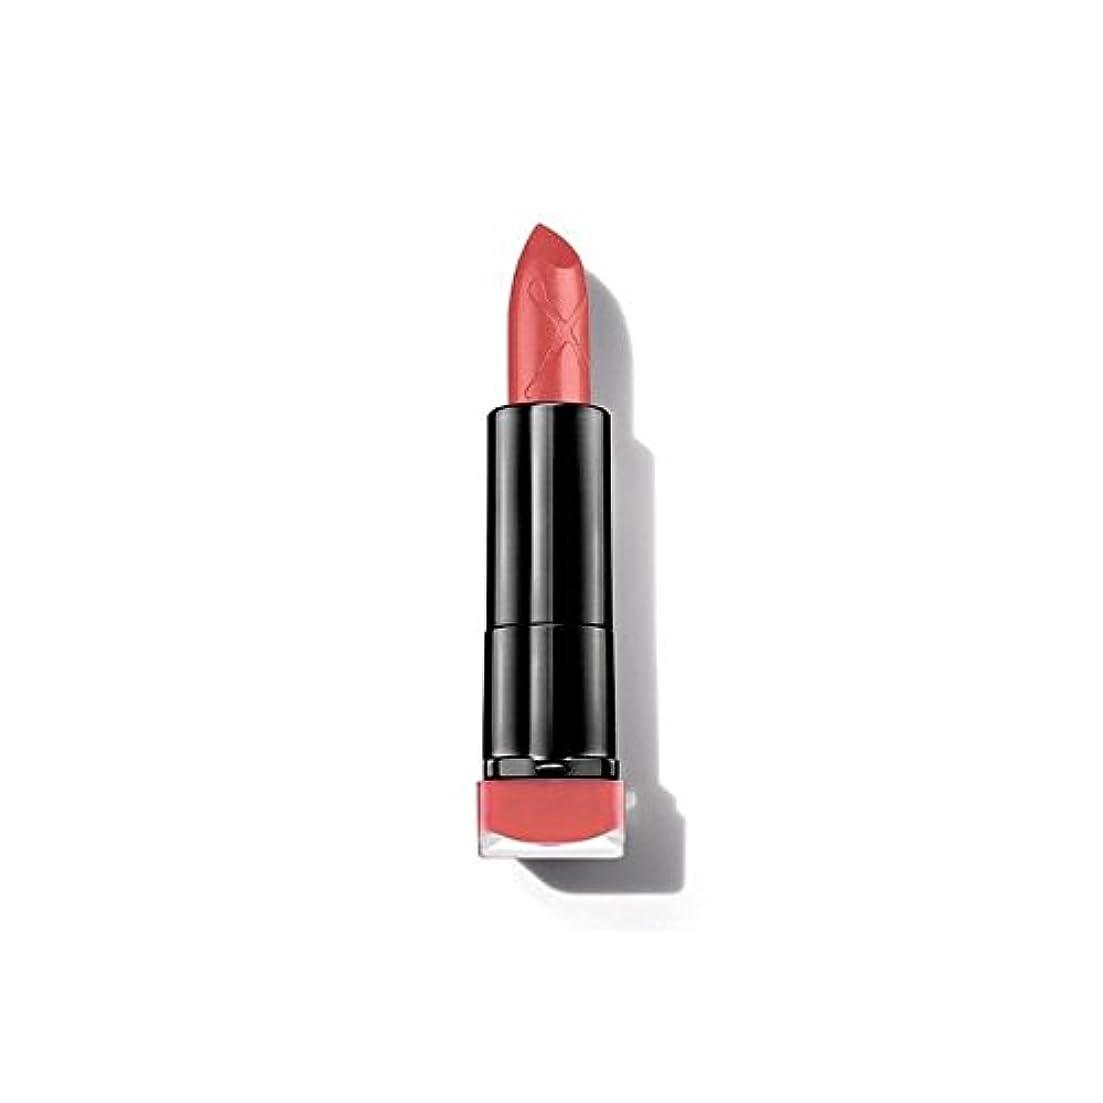 壁紙多様な第四マックスファクターカラーエリキシルマット弾丸口紅 10 x2 - Max Factor Colour Elixir Matte Bullet Lipstick Sunkiss 10 (Pack of 2) [並行輸入品]